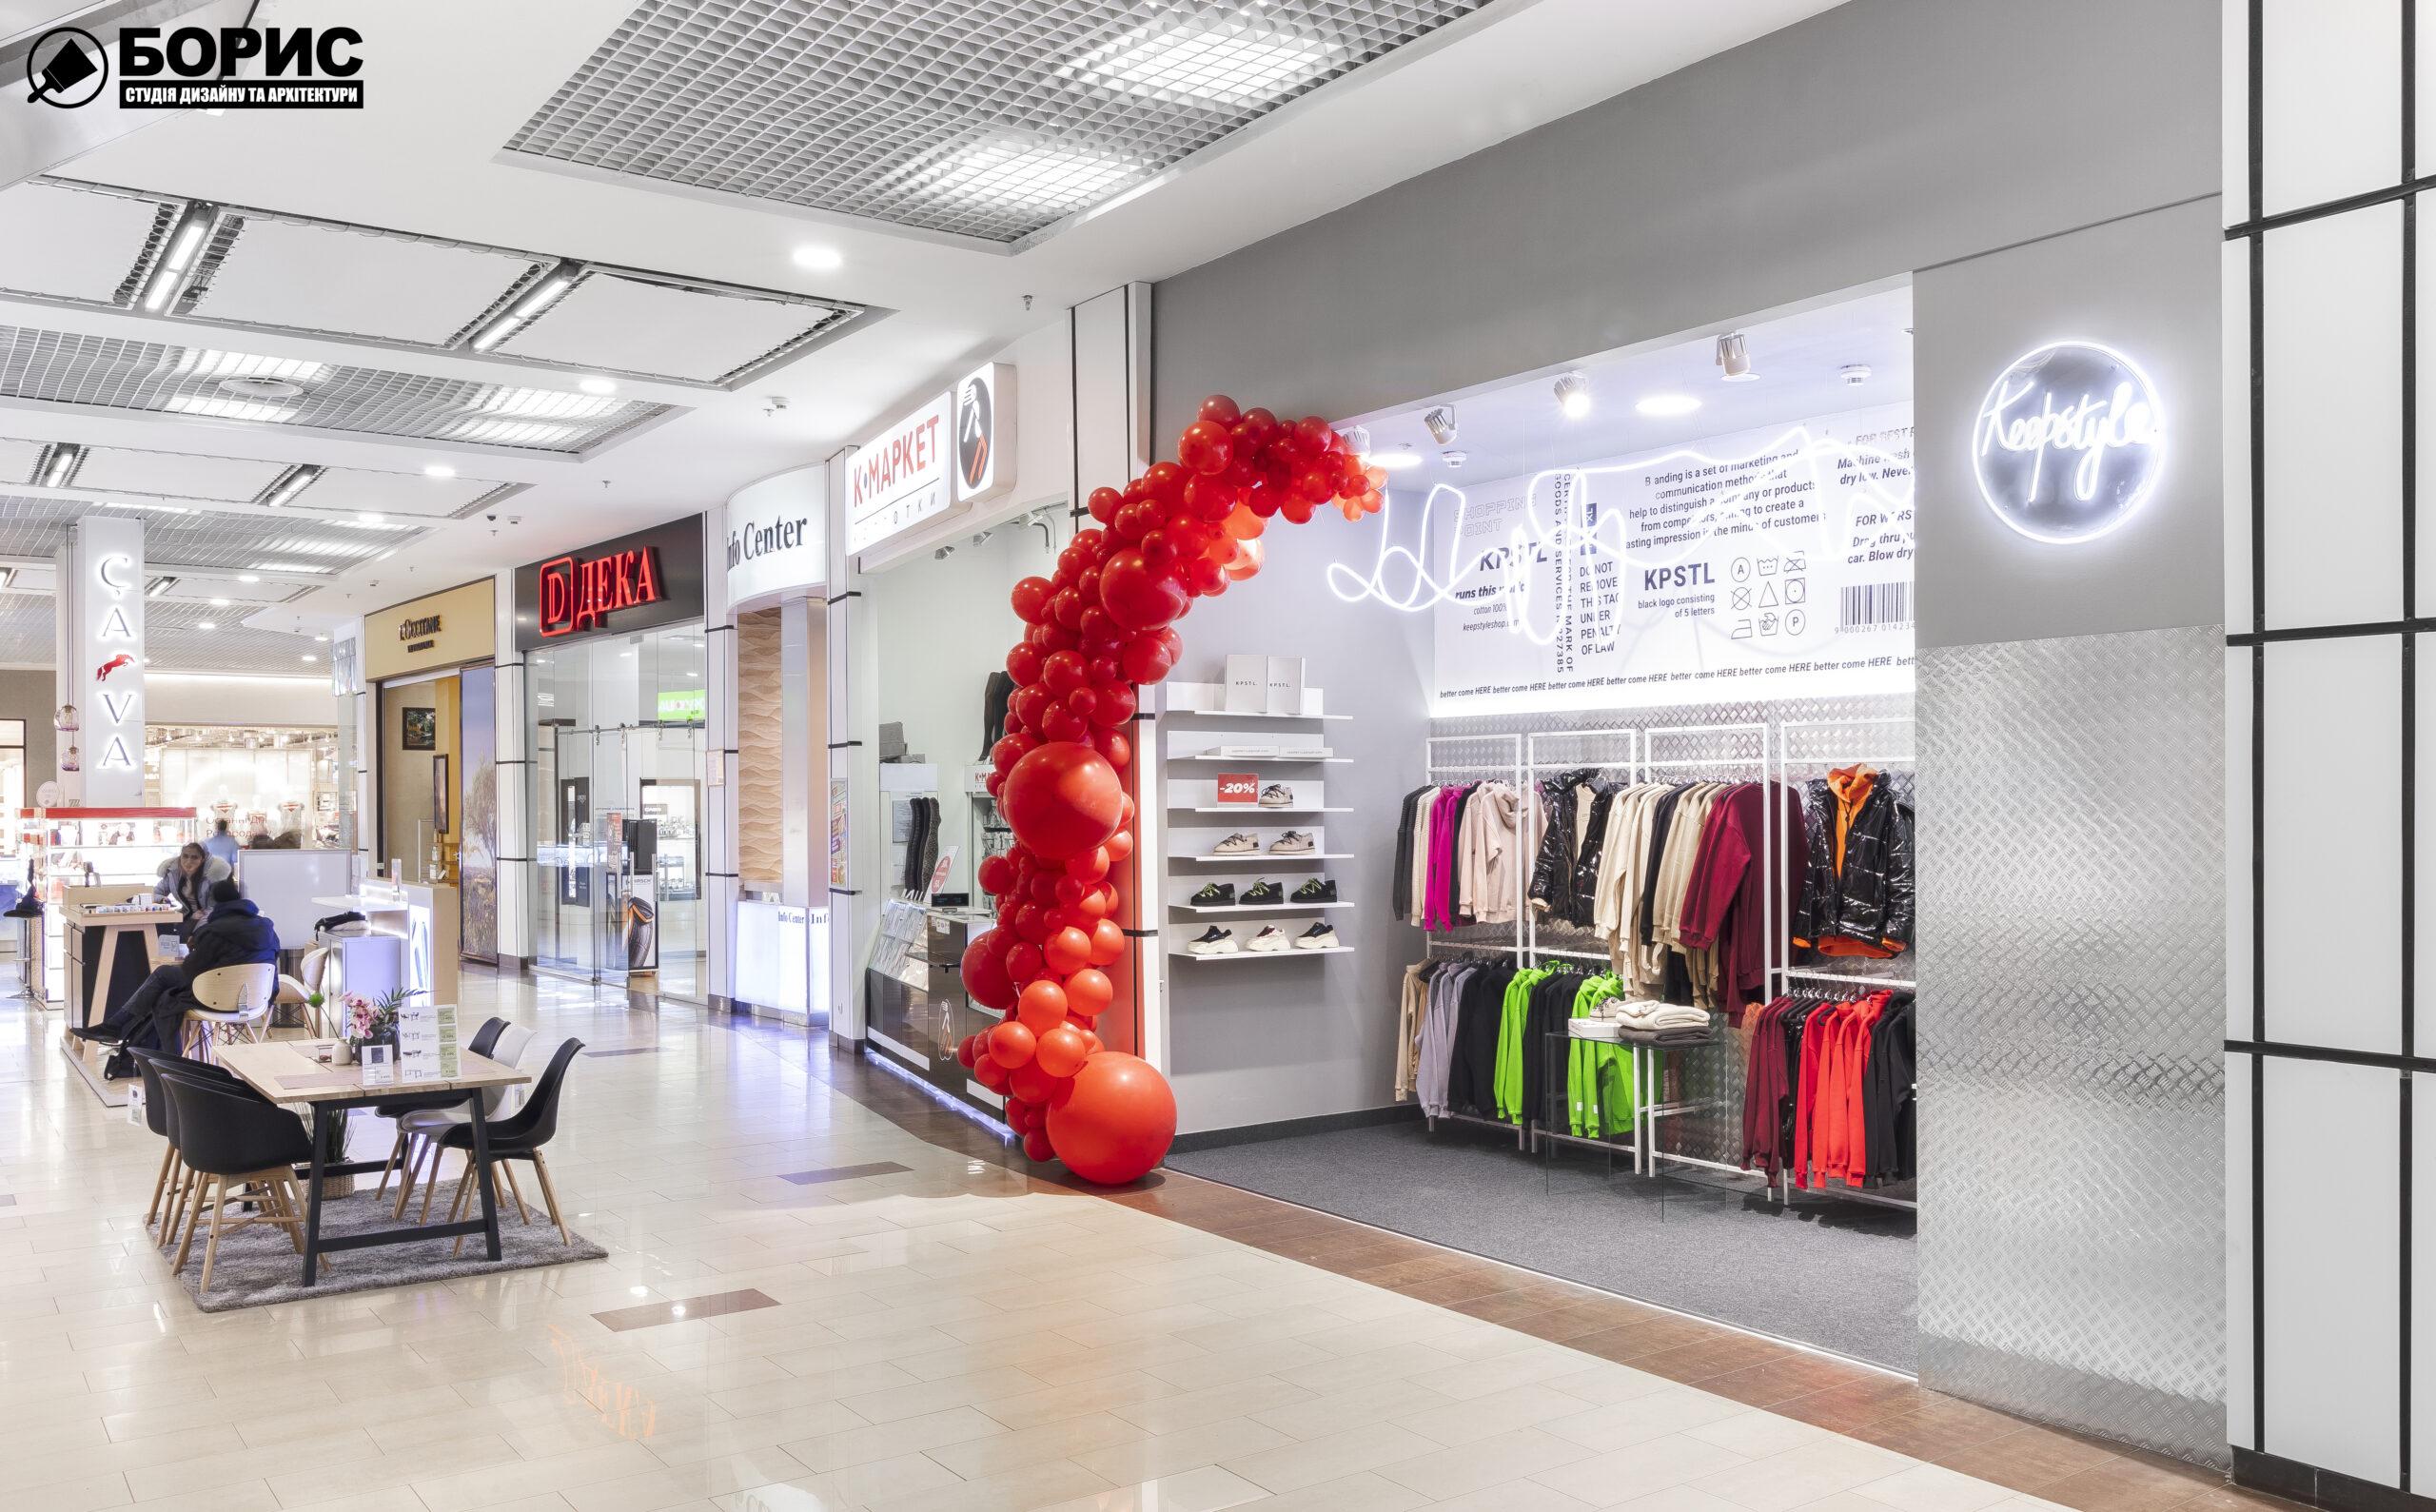 Магазин молодежной одежды «KeepStyle» в ТРЦ «Дафи», фото 9